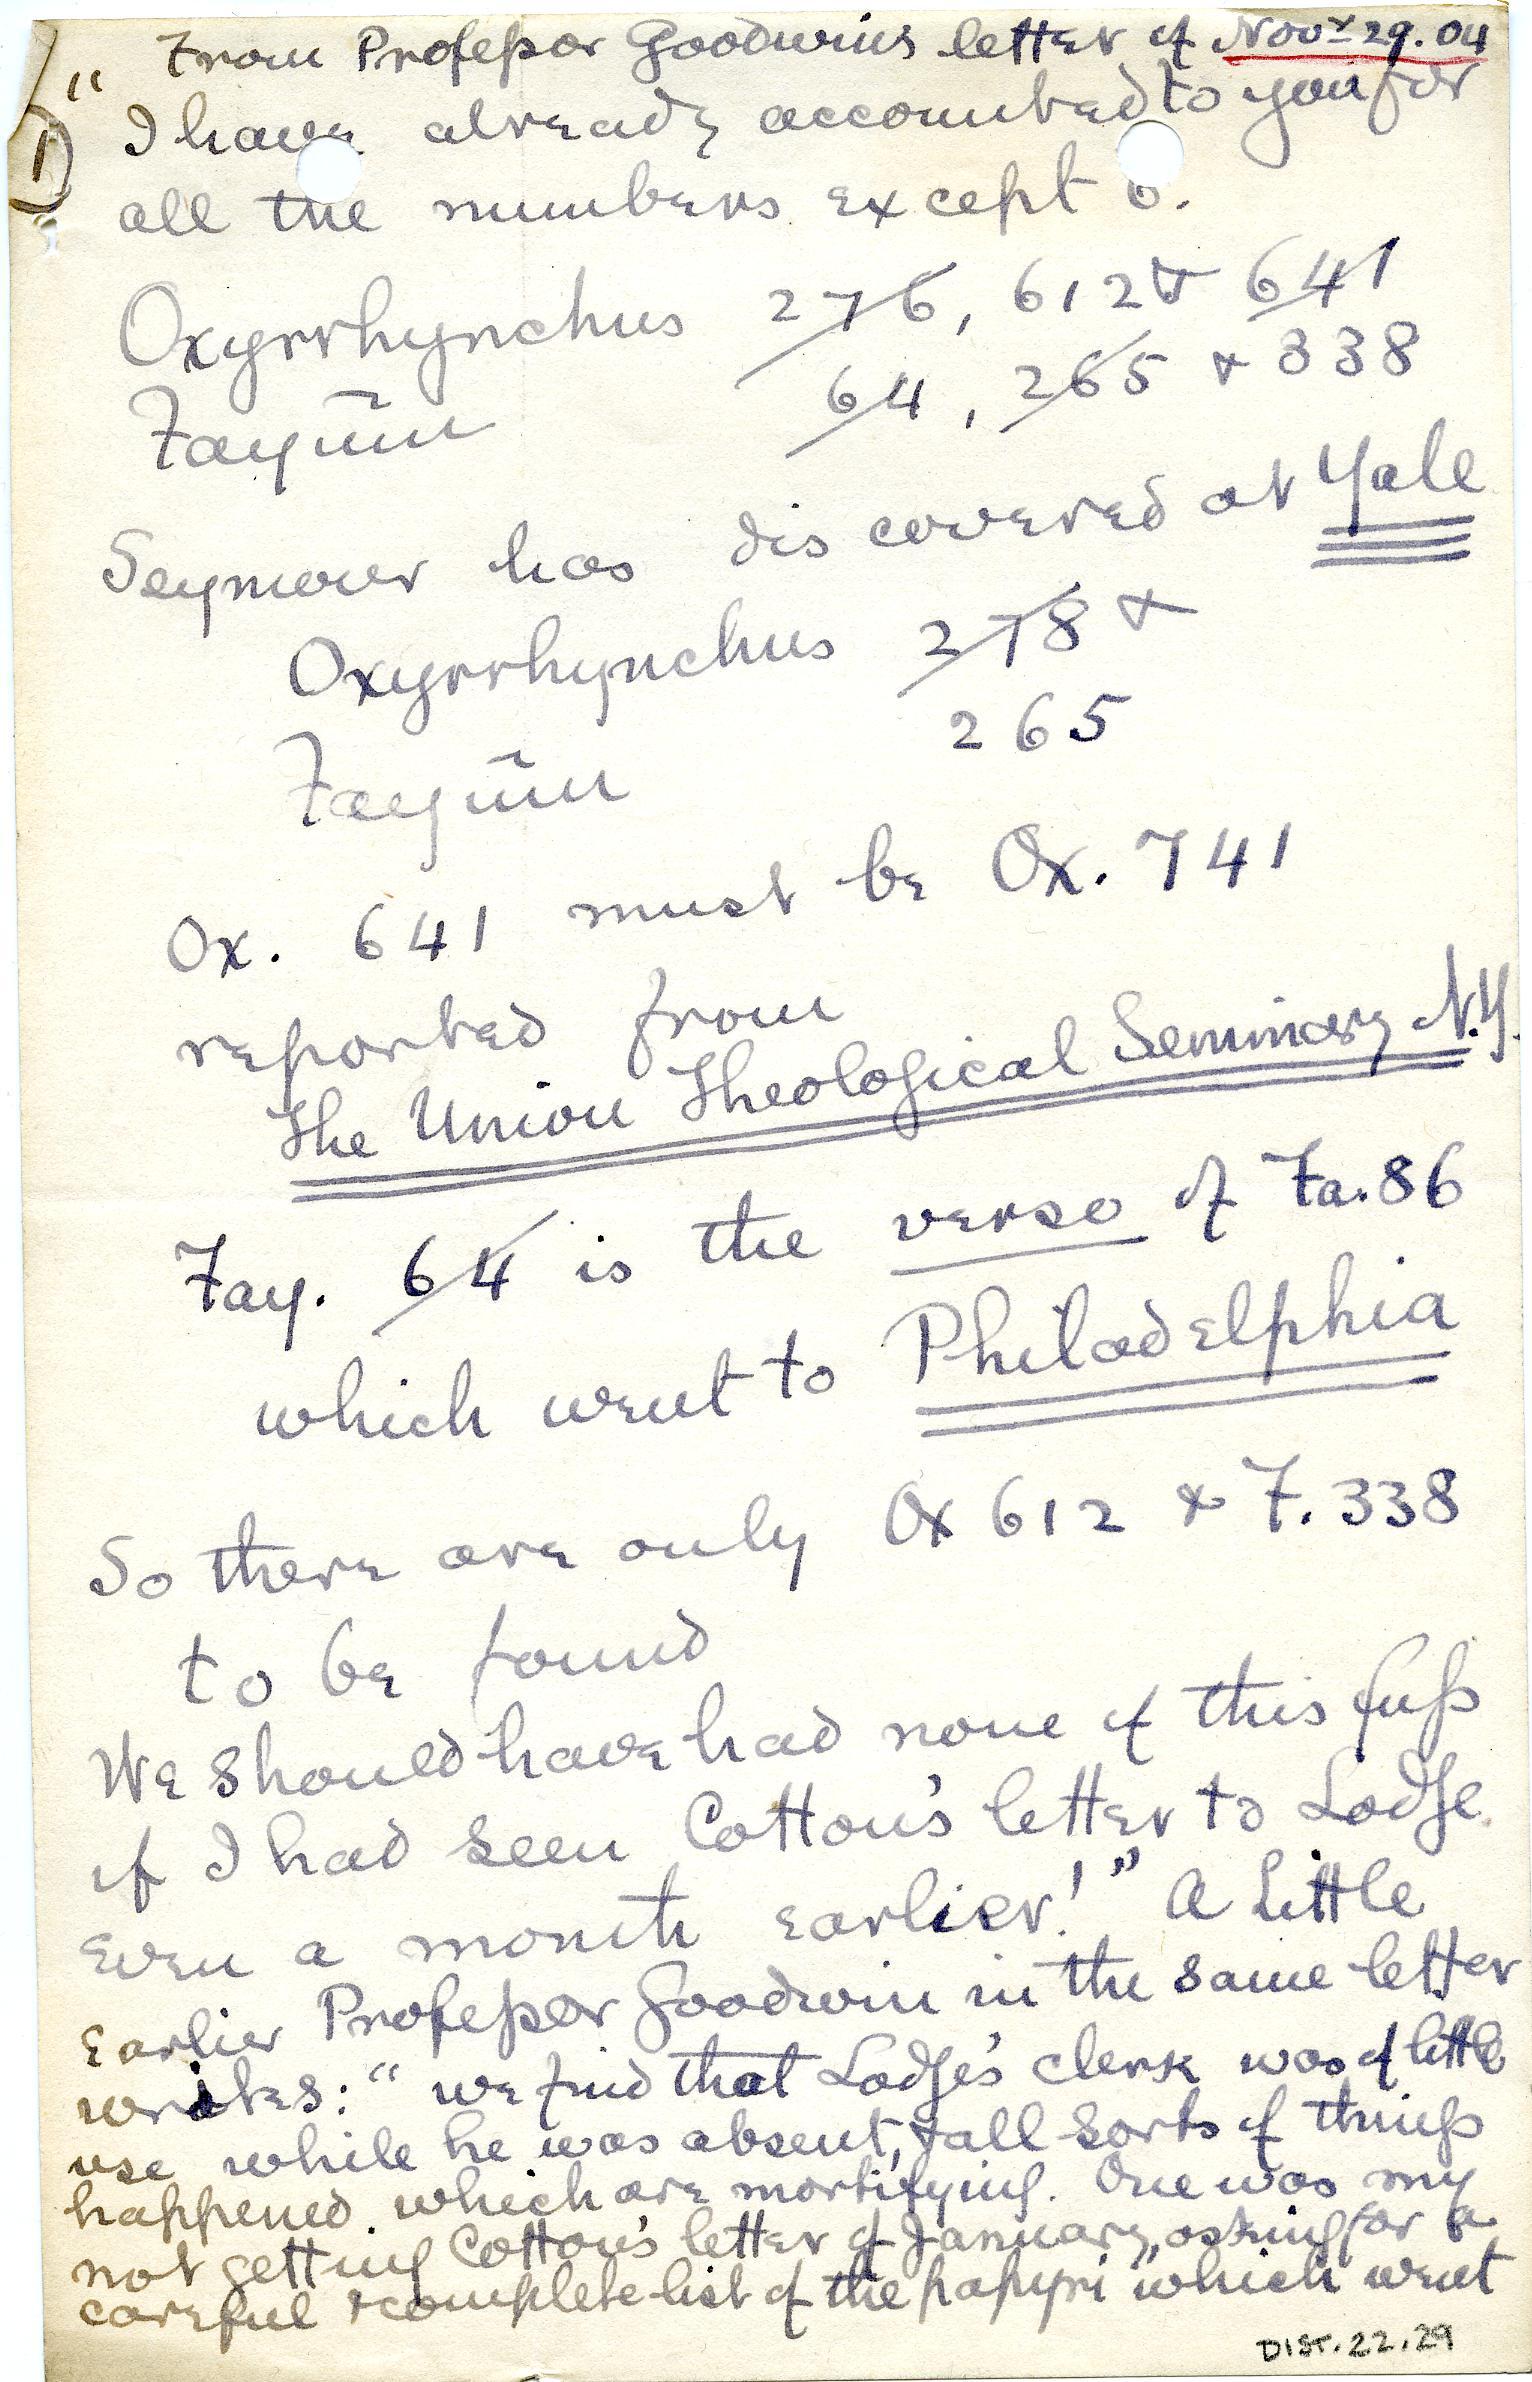 1902-07 Oxyrhynchus, Faiyum, el-Hibeh DIST.22.29a